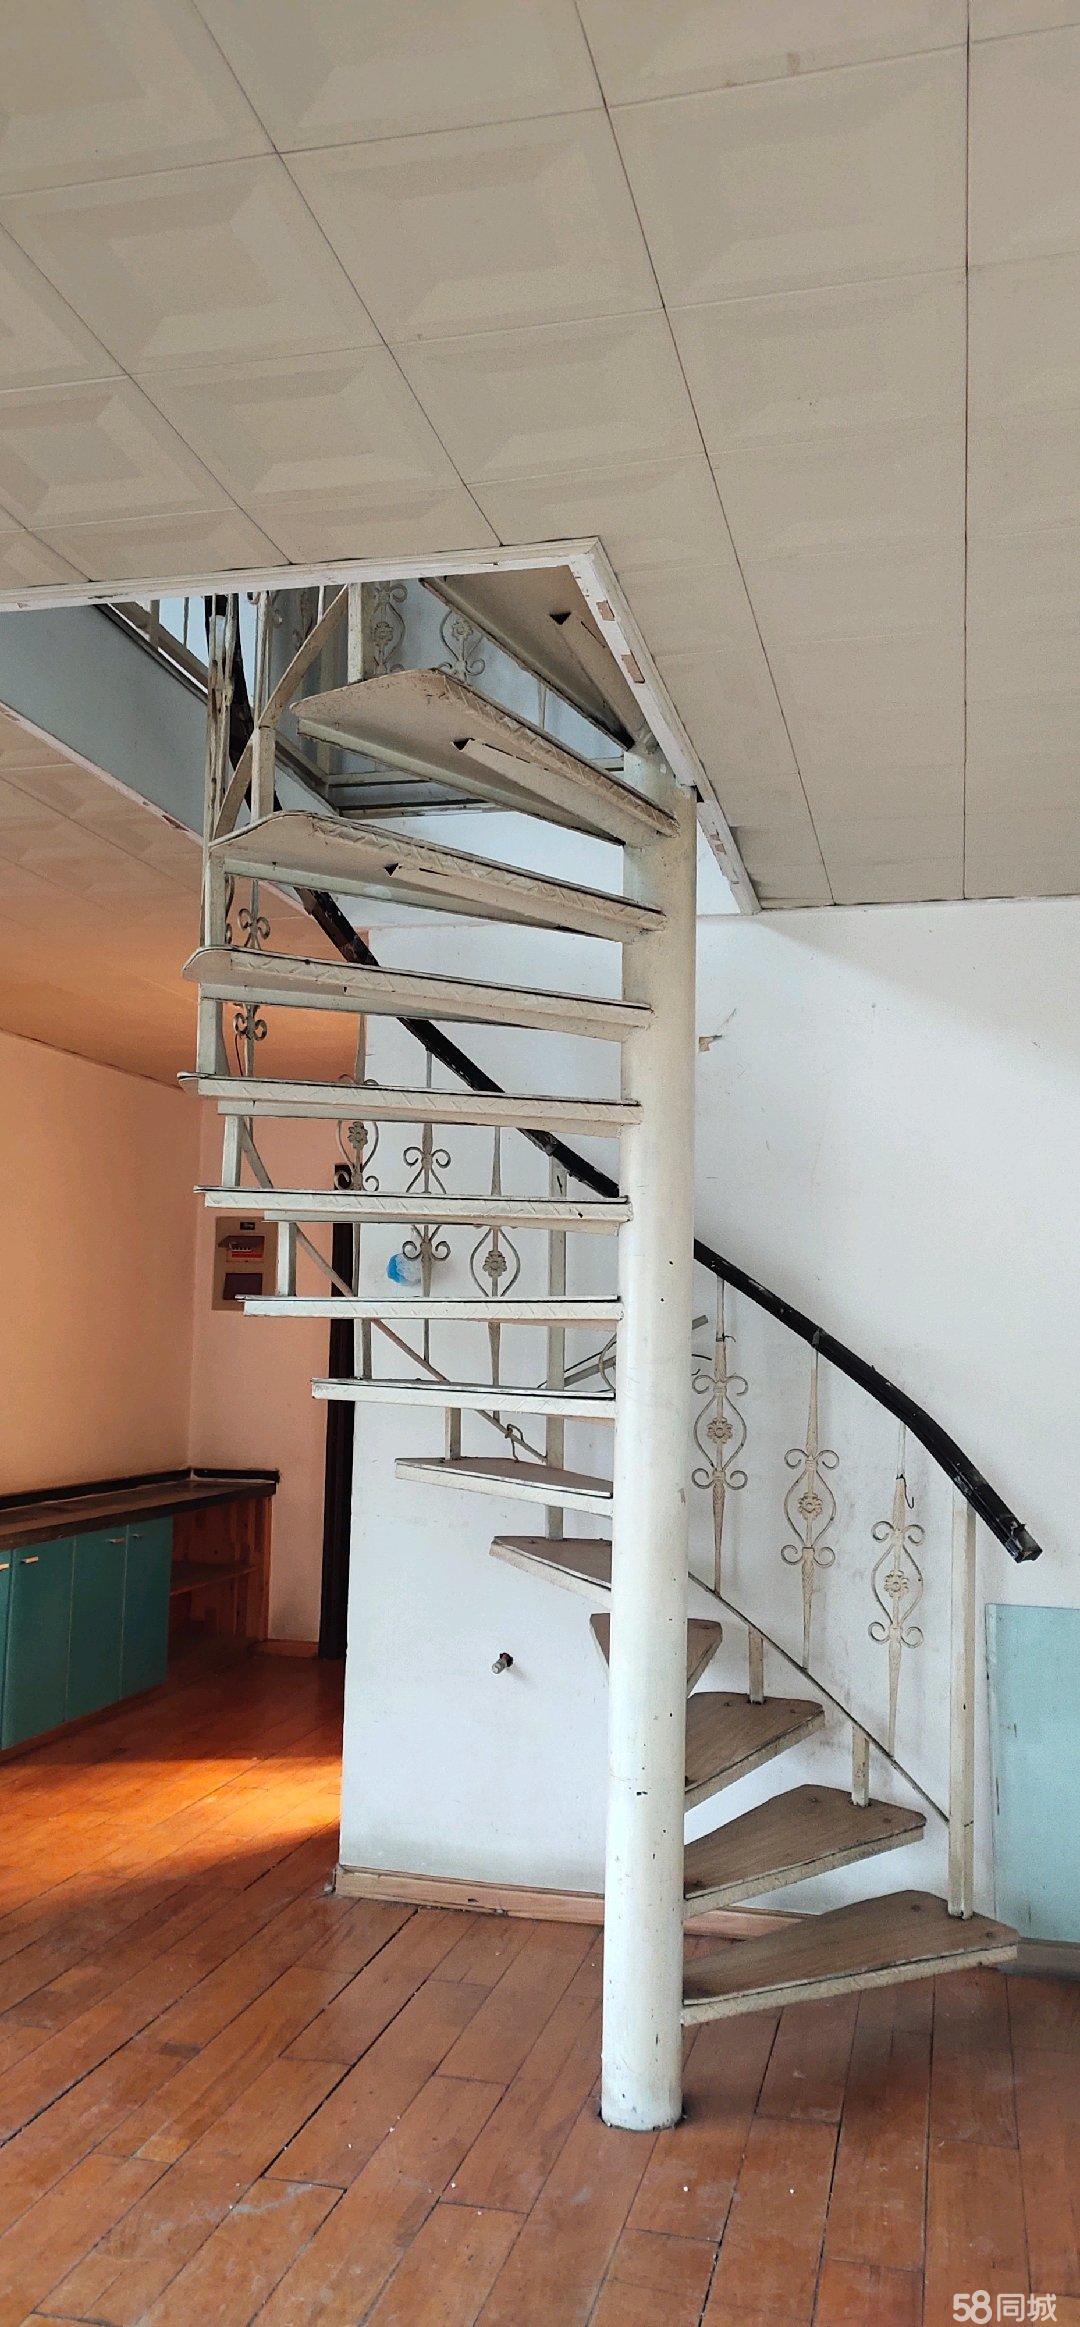 銀隆家大復式實用面積126平方電梯房